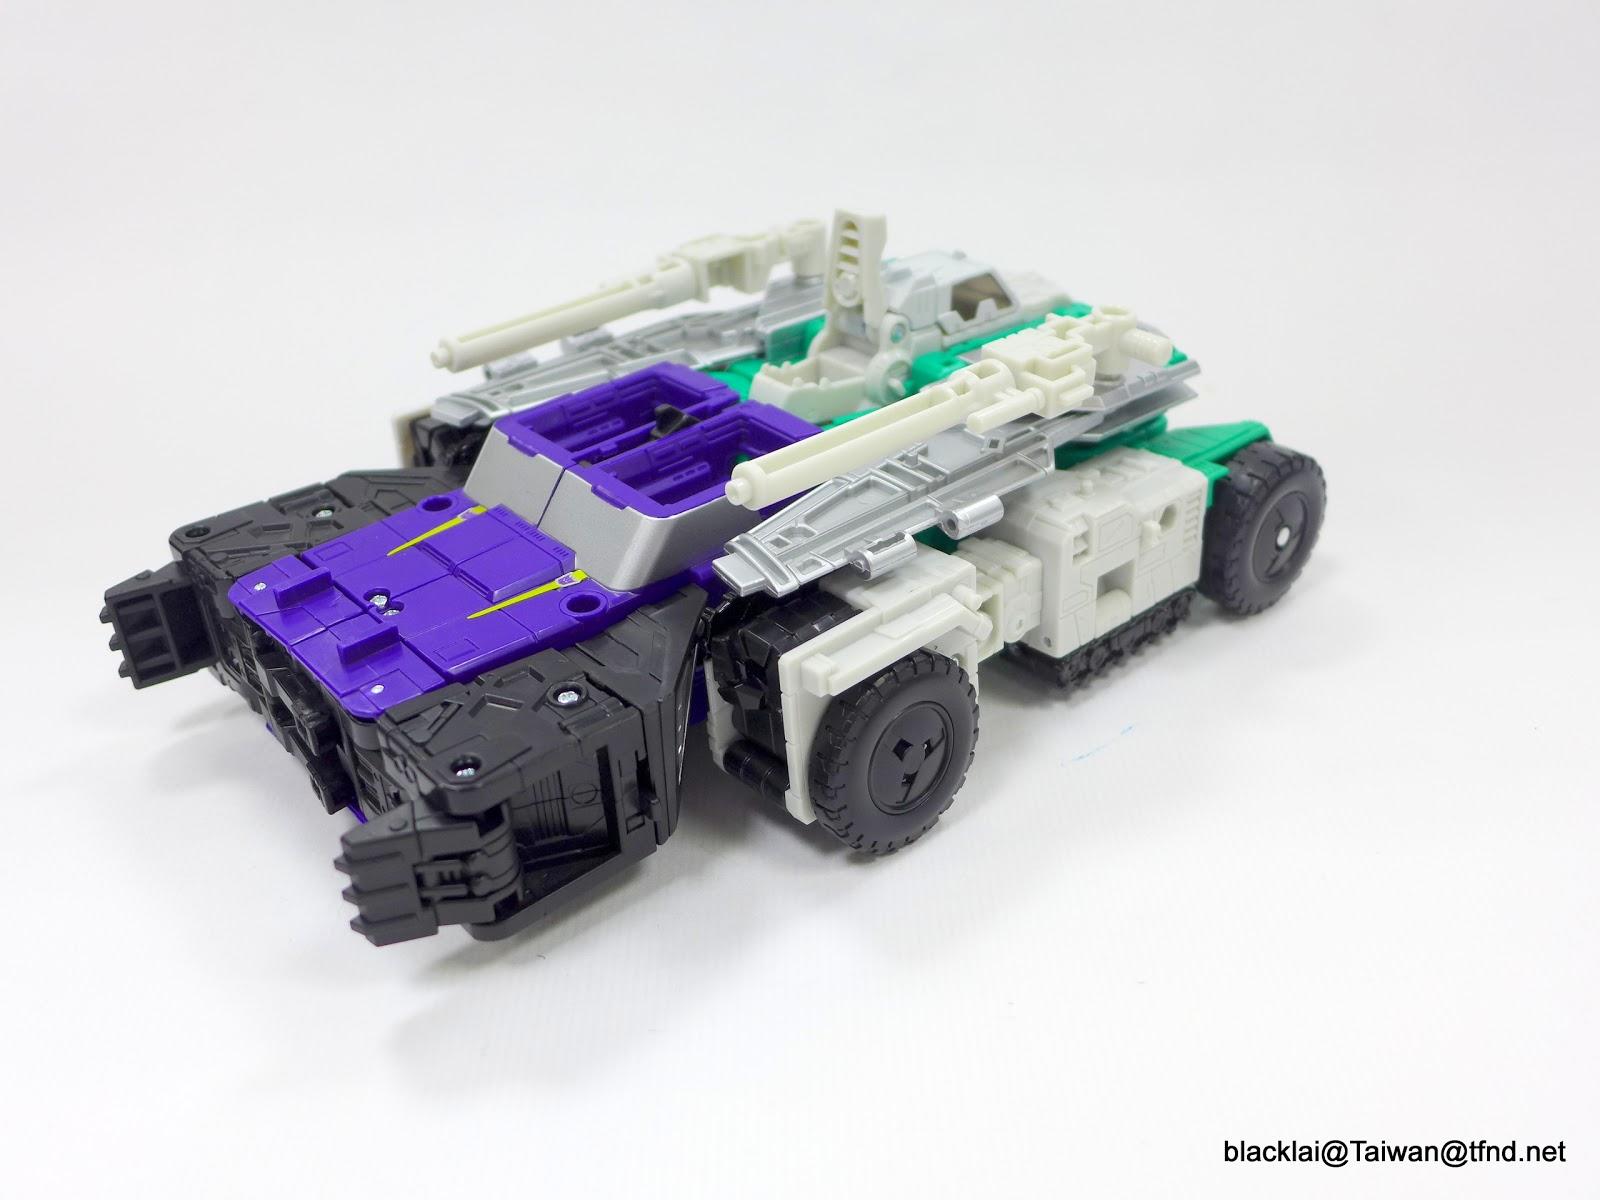 Jouets Transformers Generations: Nouveautés Hasbro - Page 40 P1510004